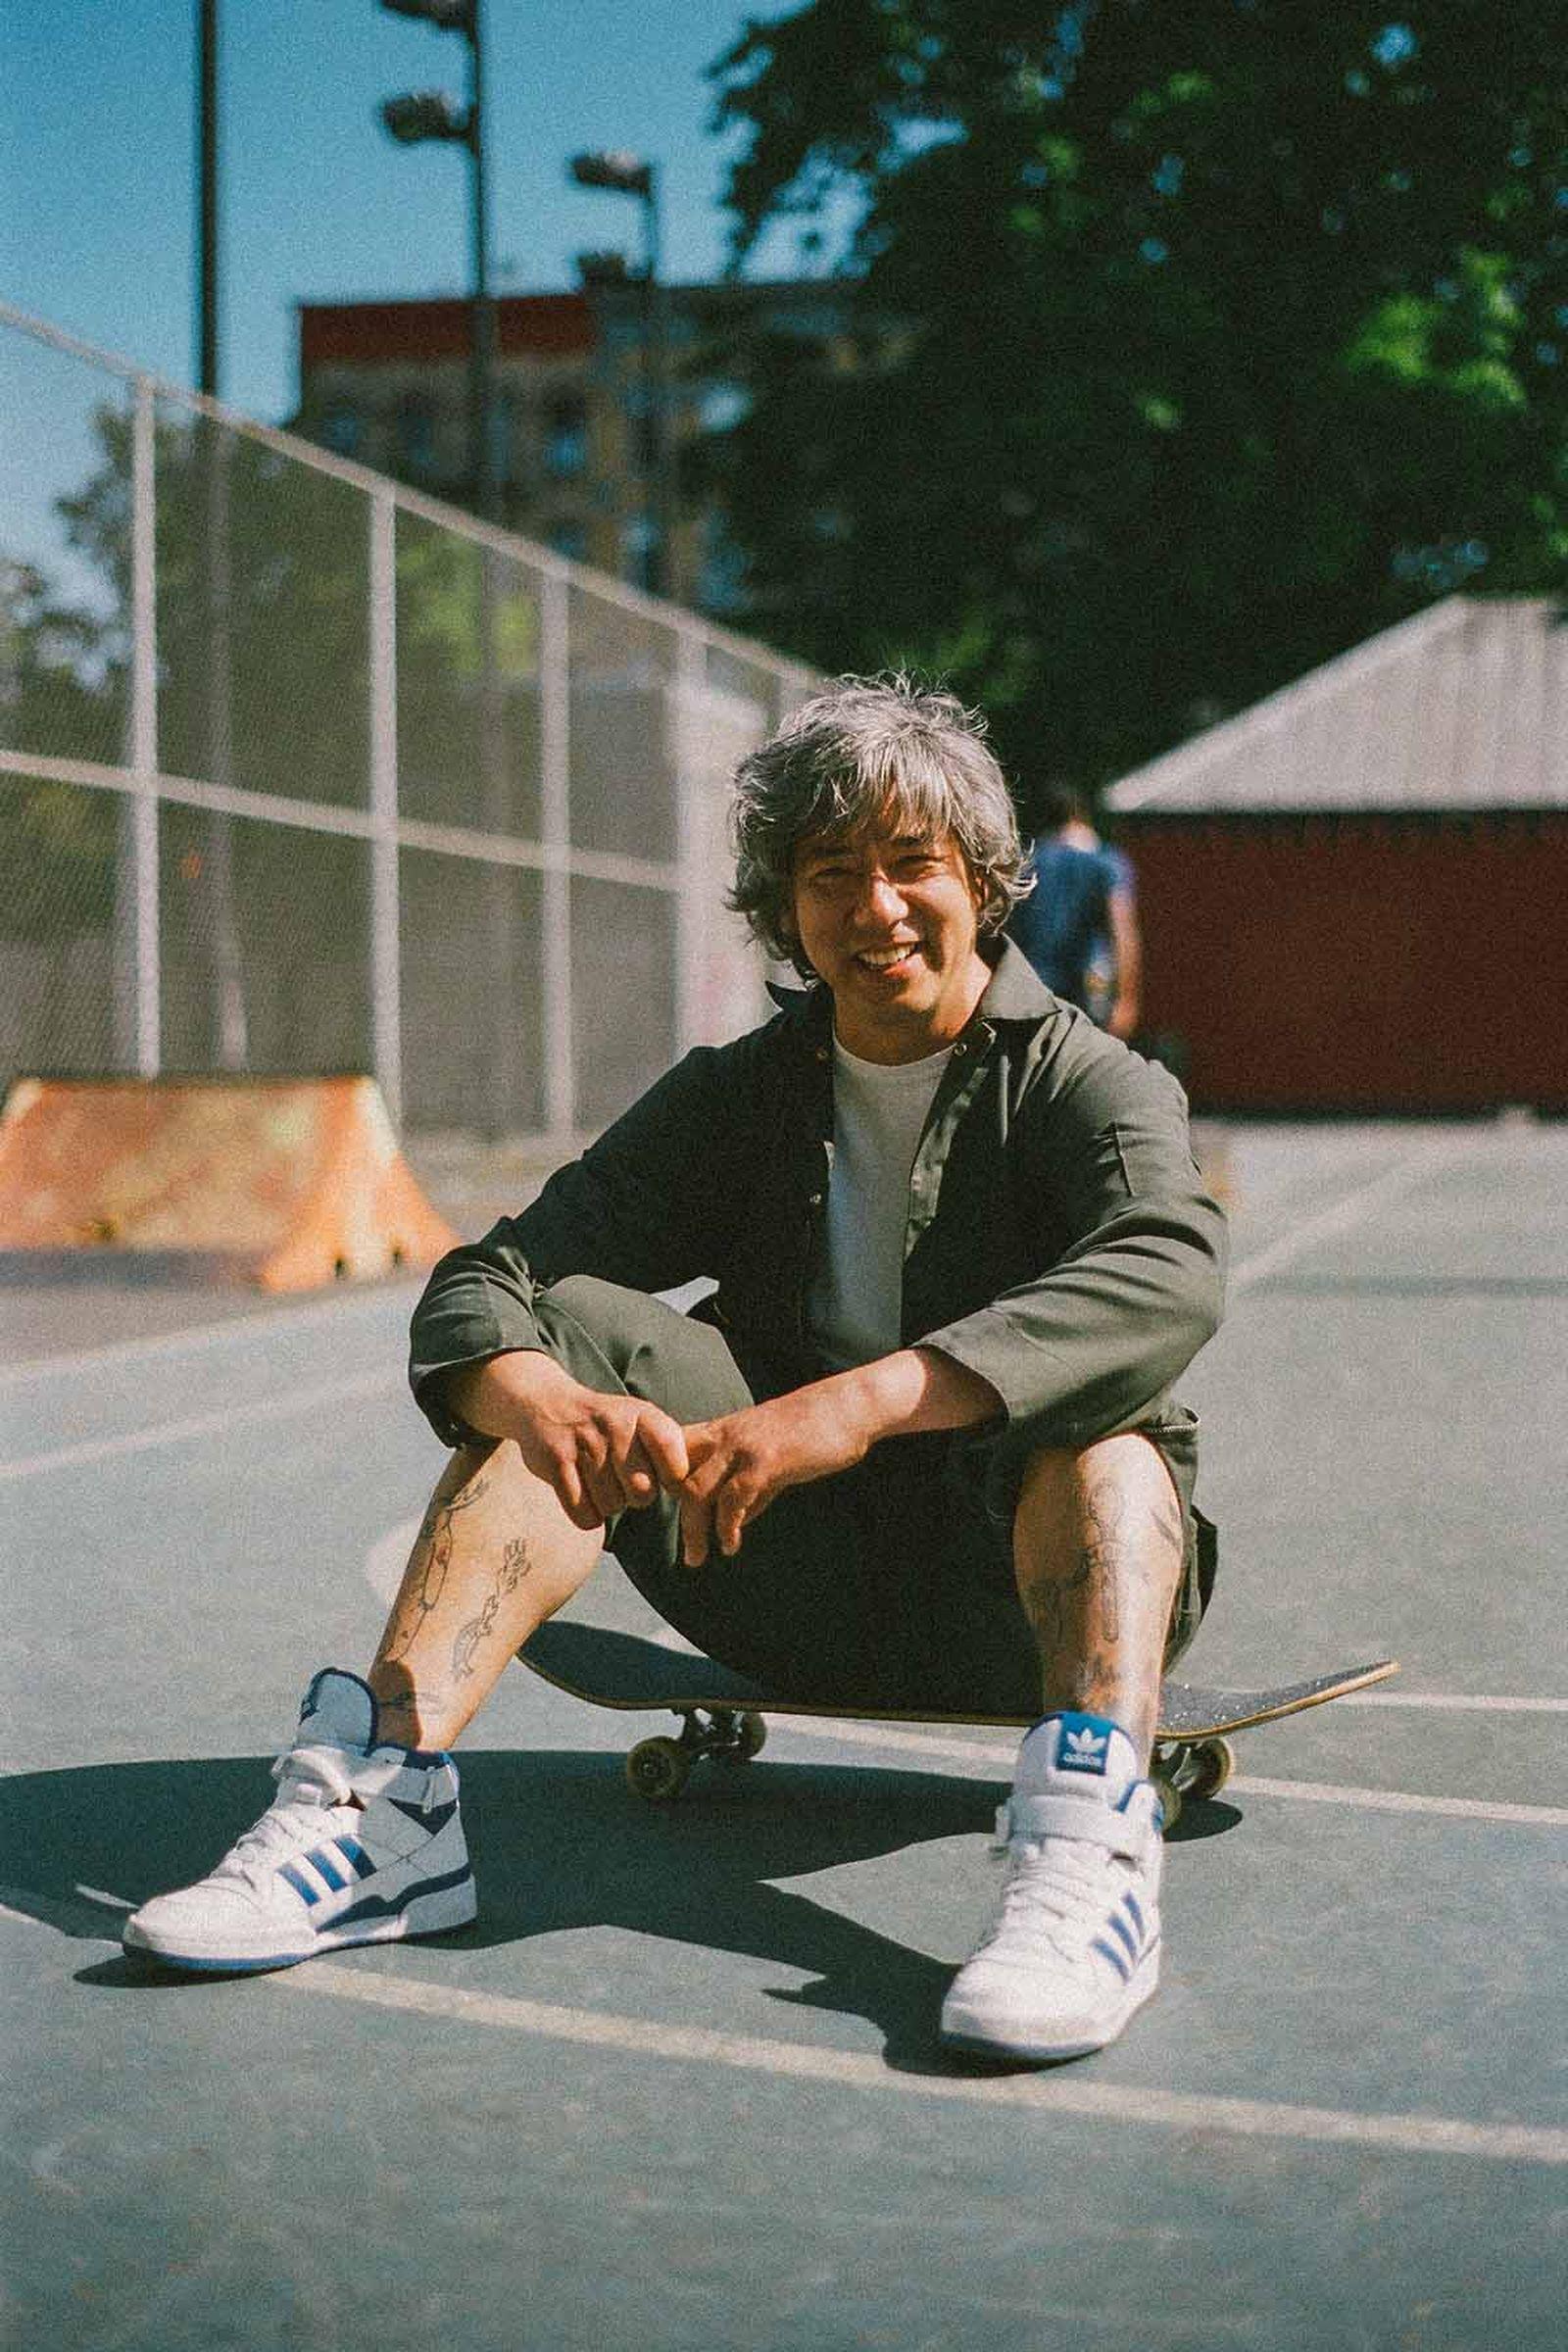 Patrick Smith, owner of CODA Skateboards.